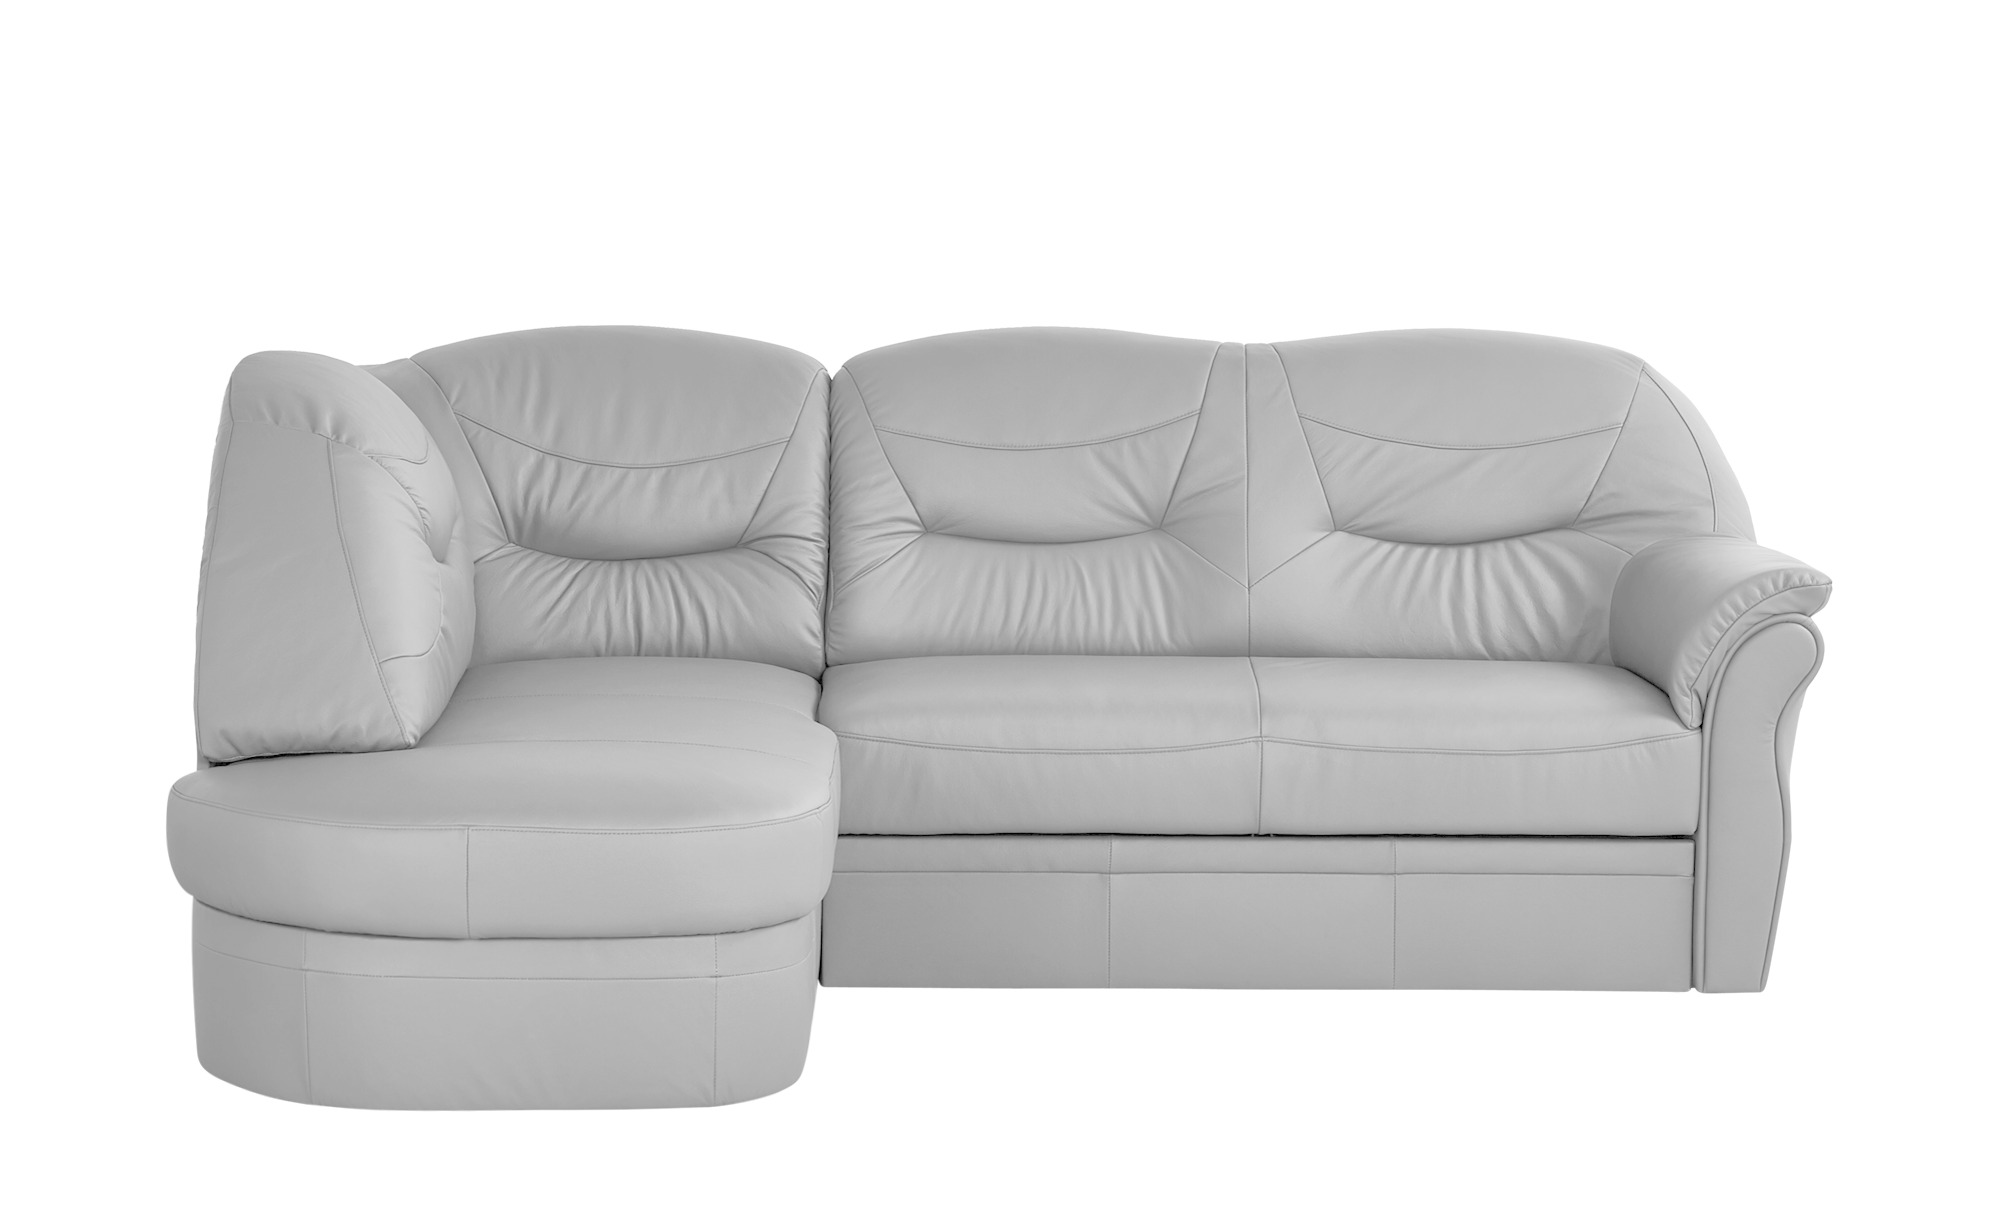 leder ecksofa victoria breite h he 91 cm grau online kaufen bei woonio. Black Bedroom Furniture Sets. Home Design Ideas